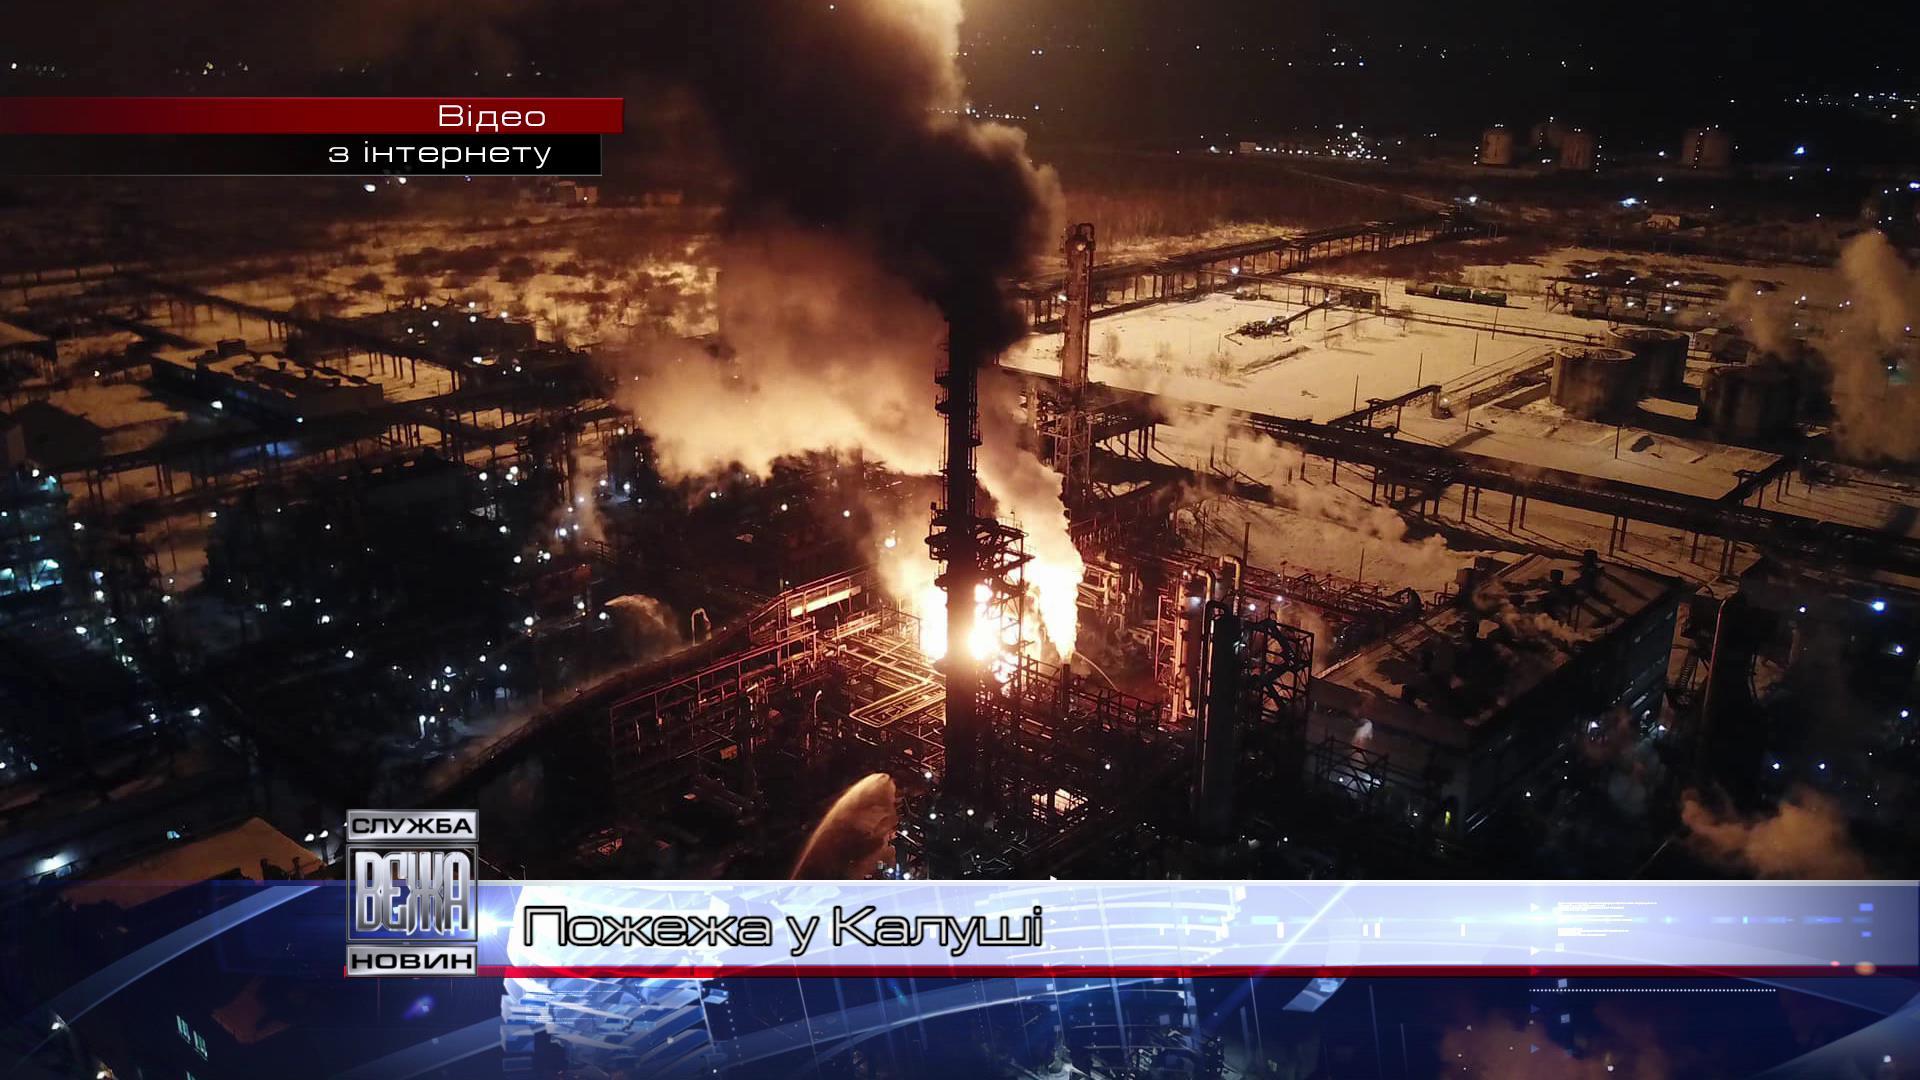 Пожежа у Калуші[16-44-42]